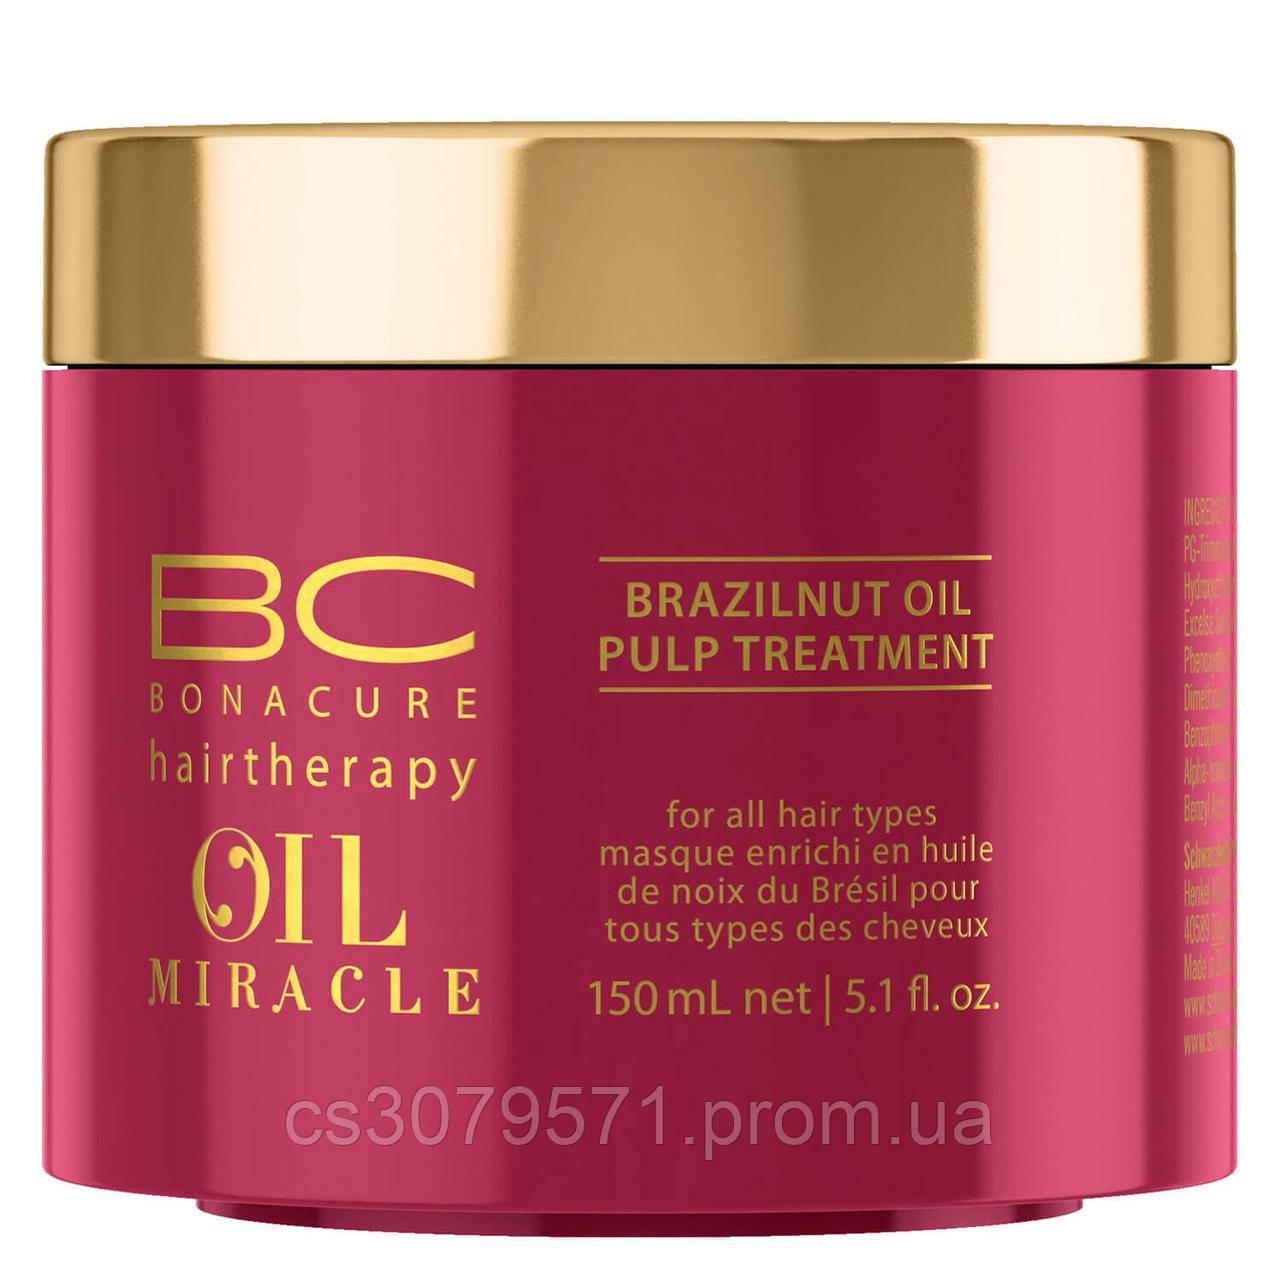 Маска для волос с маслом бразильского ореха Schwarzkopf Prof BC Oil Miracle Brazilnut Pulp Treatment - 150 мл